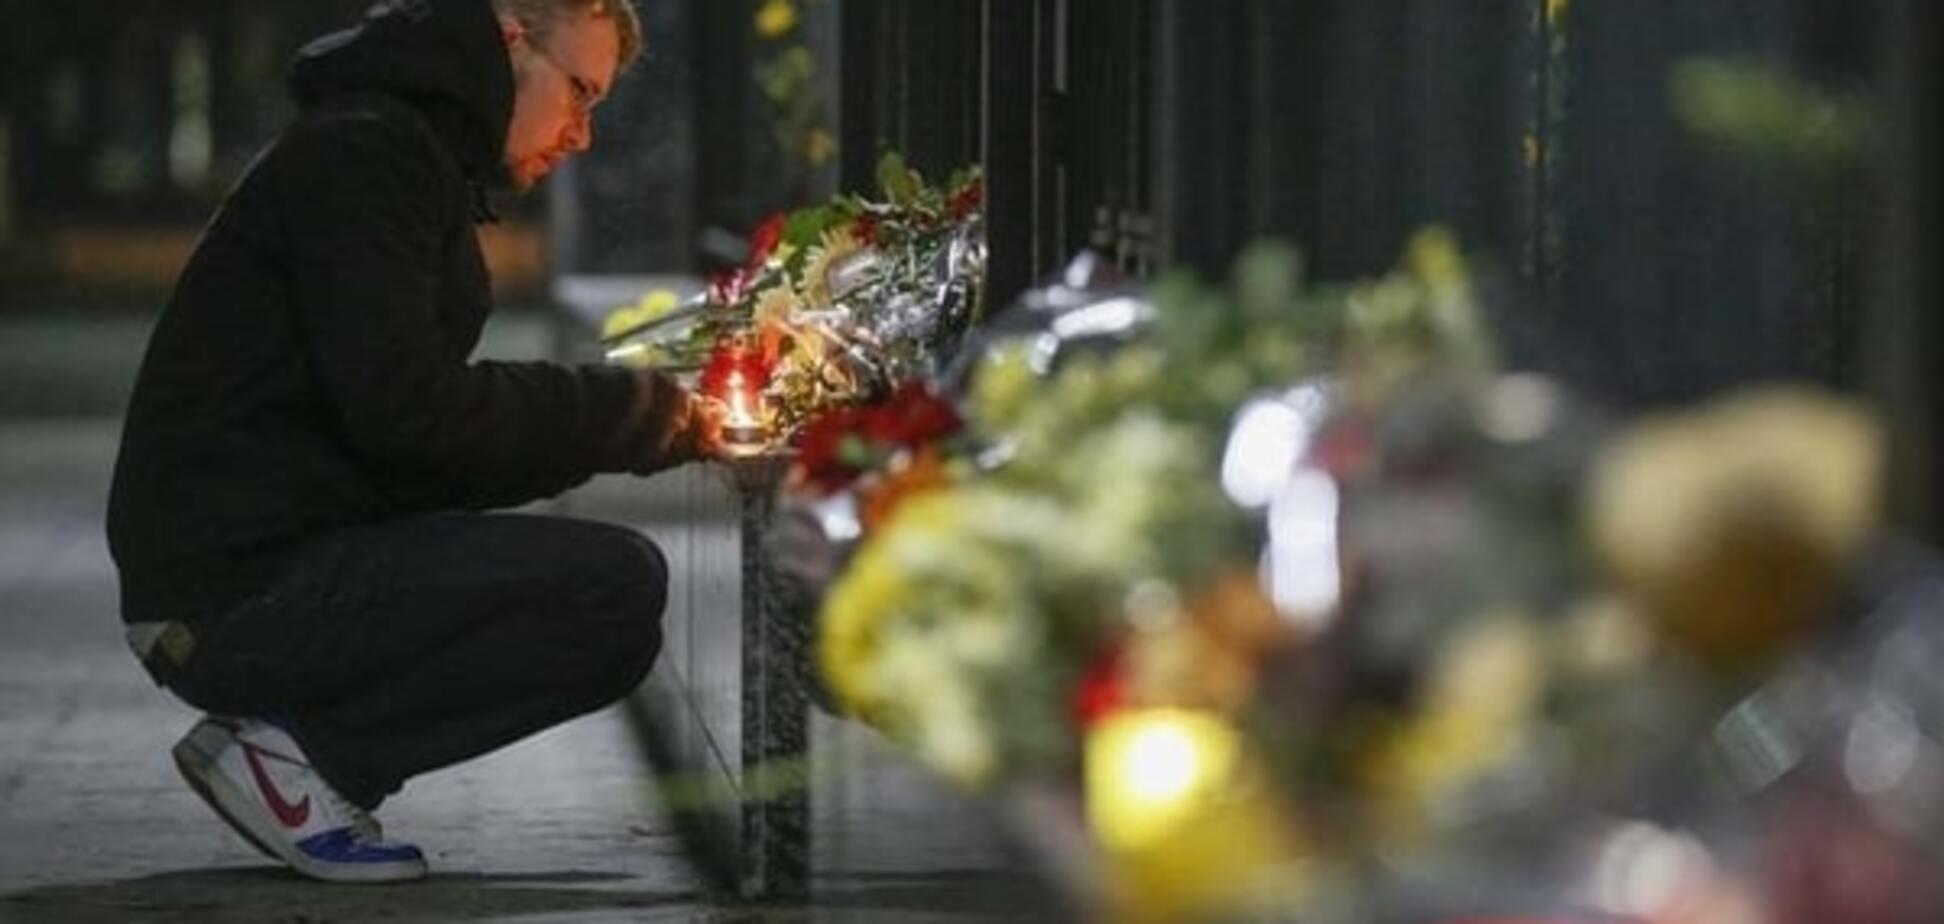 Кремлівські пропагандисти 'привітали' українців з авіакатастрофою в Єгипті - Вишневський